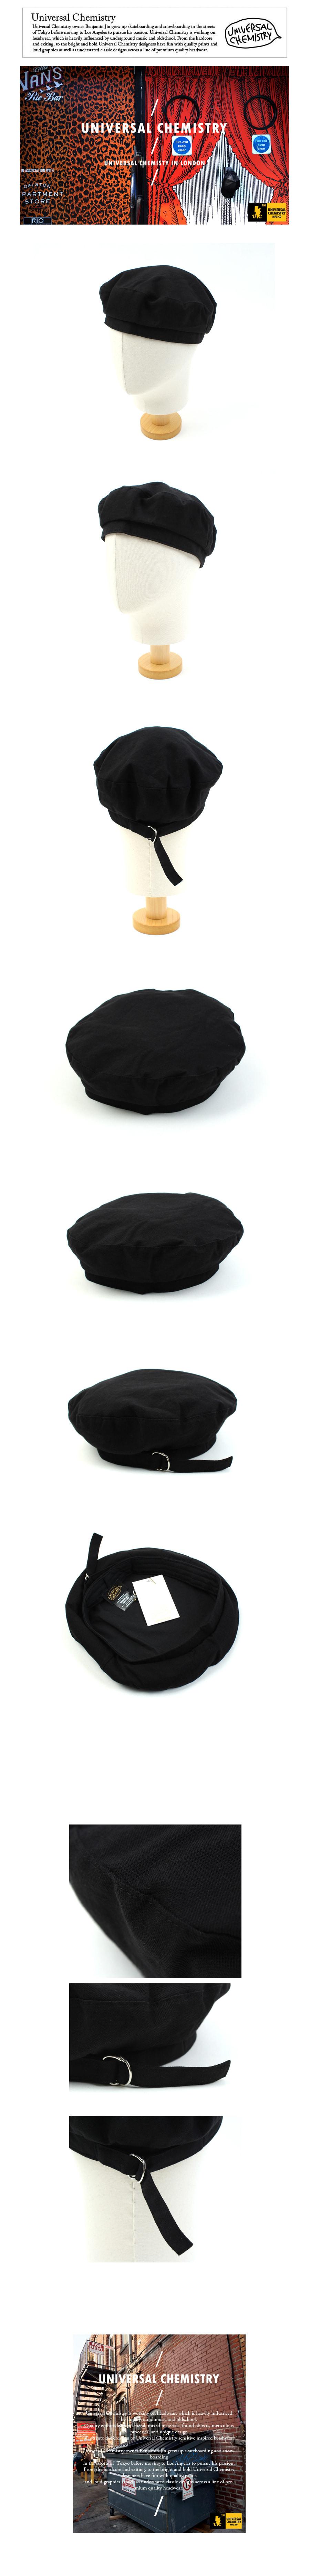 유니버셜 케미스트리(UNIVERSAL CHEMISTRY) Black CT Washing Beret 베레모